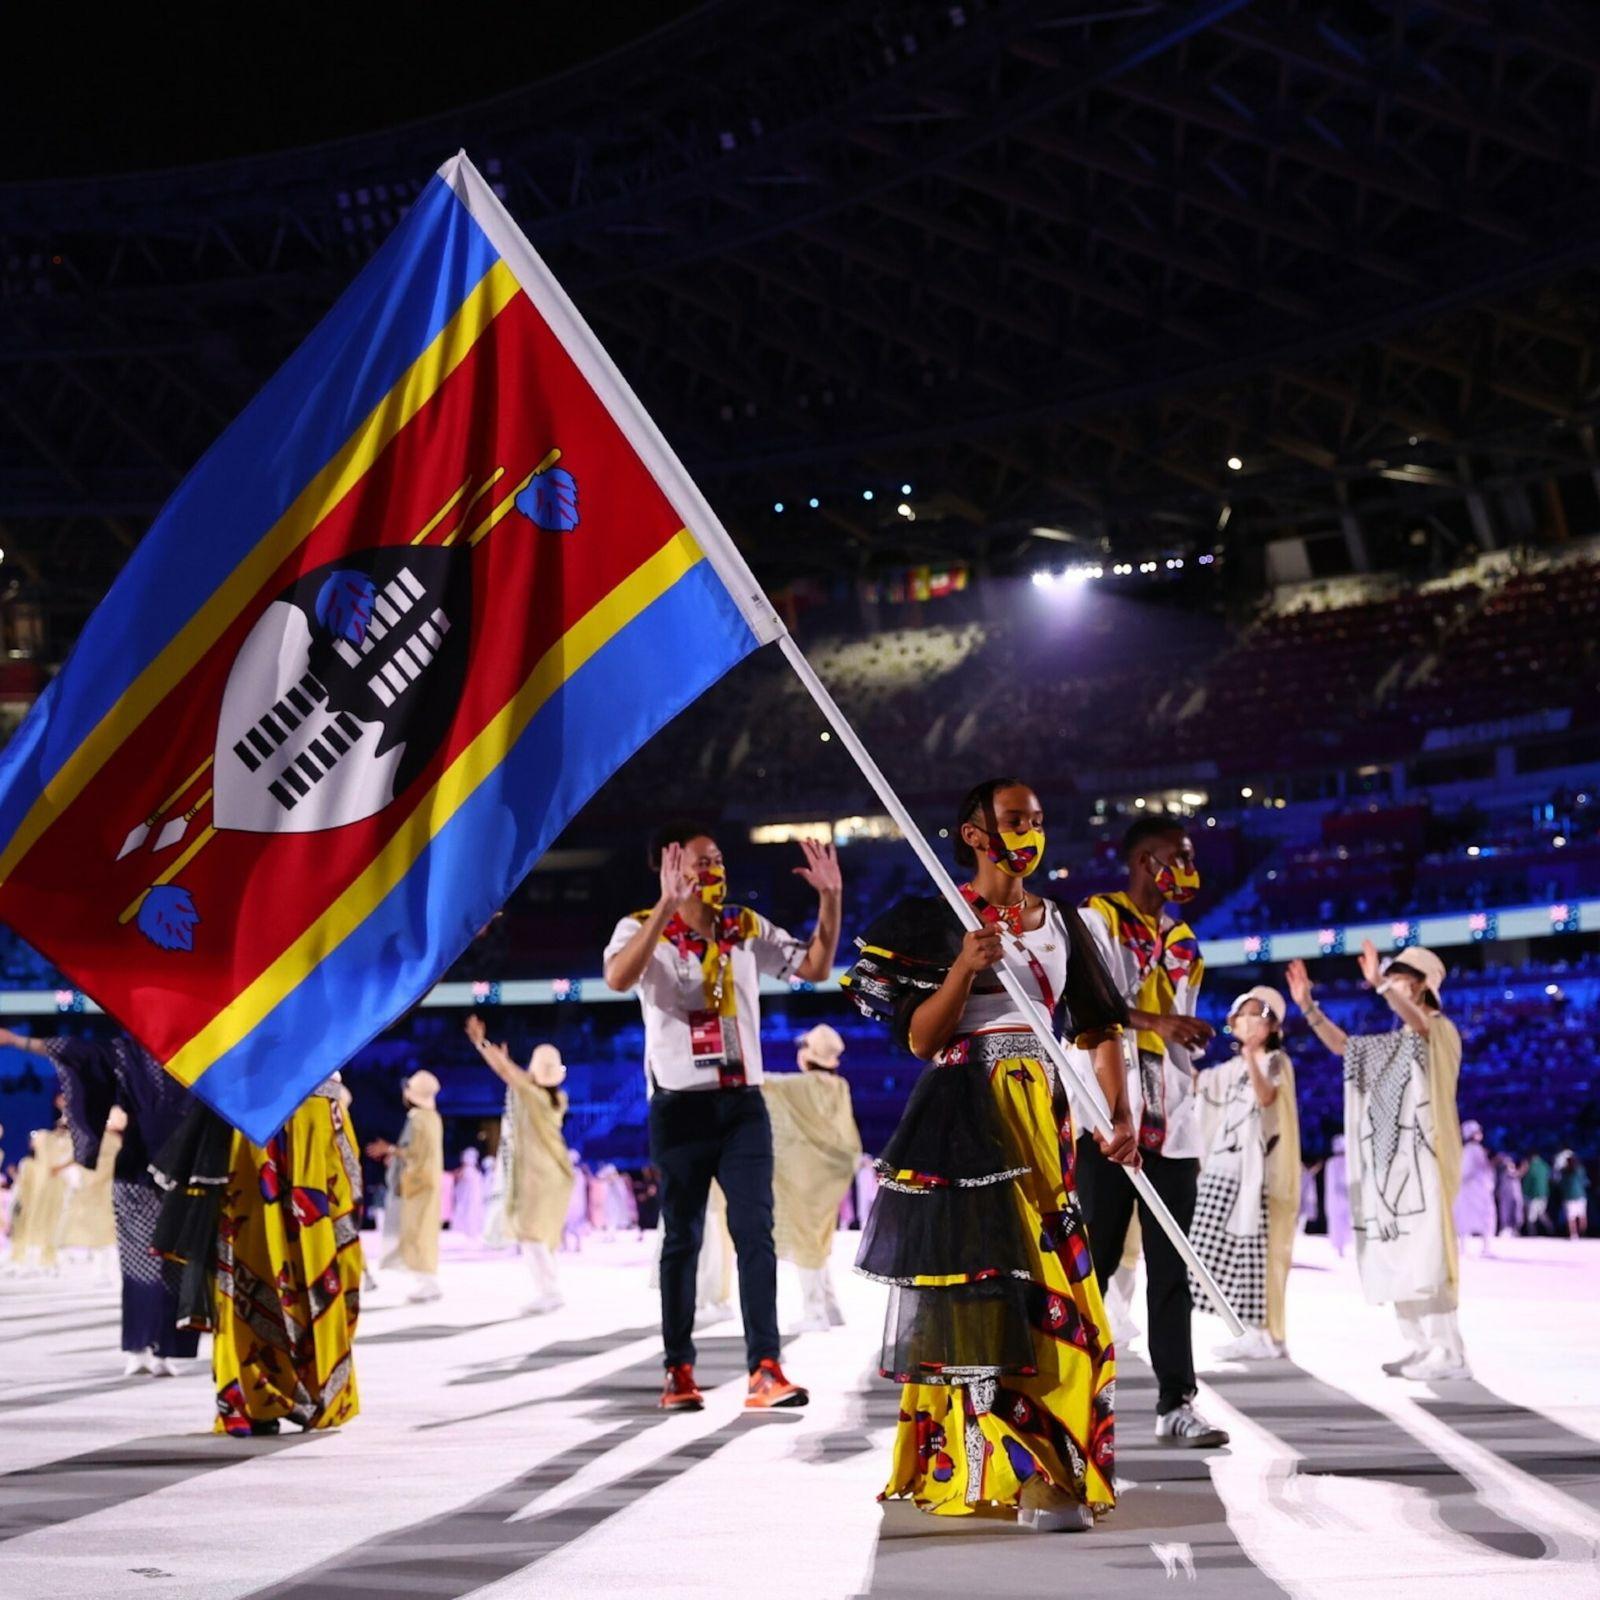 Tokyo 2020 Olympics - The Tokyo 2020 Olympics Opening Ceremony